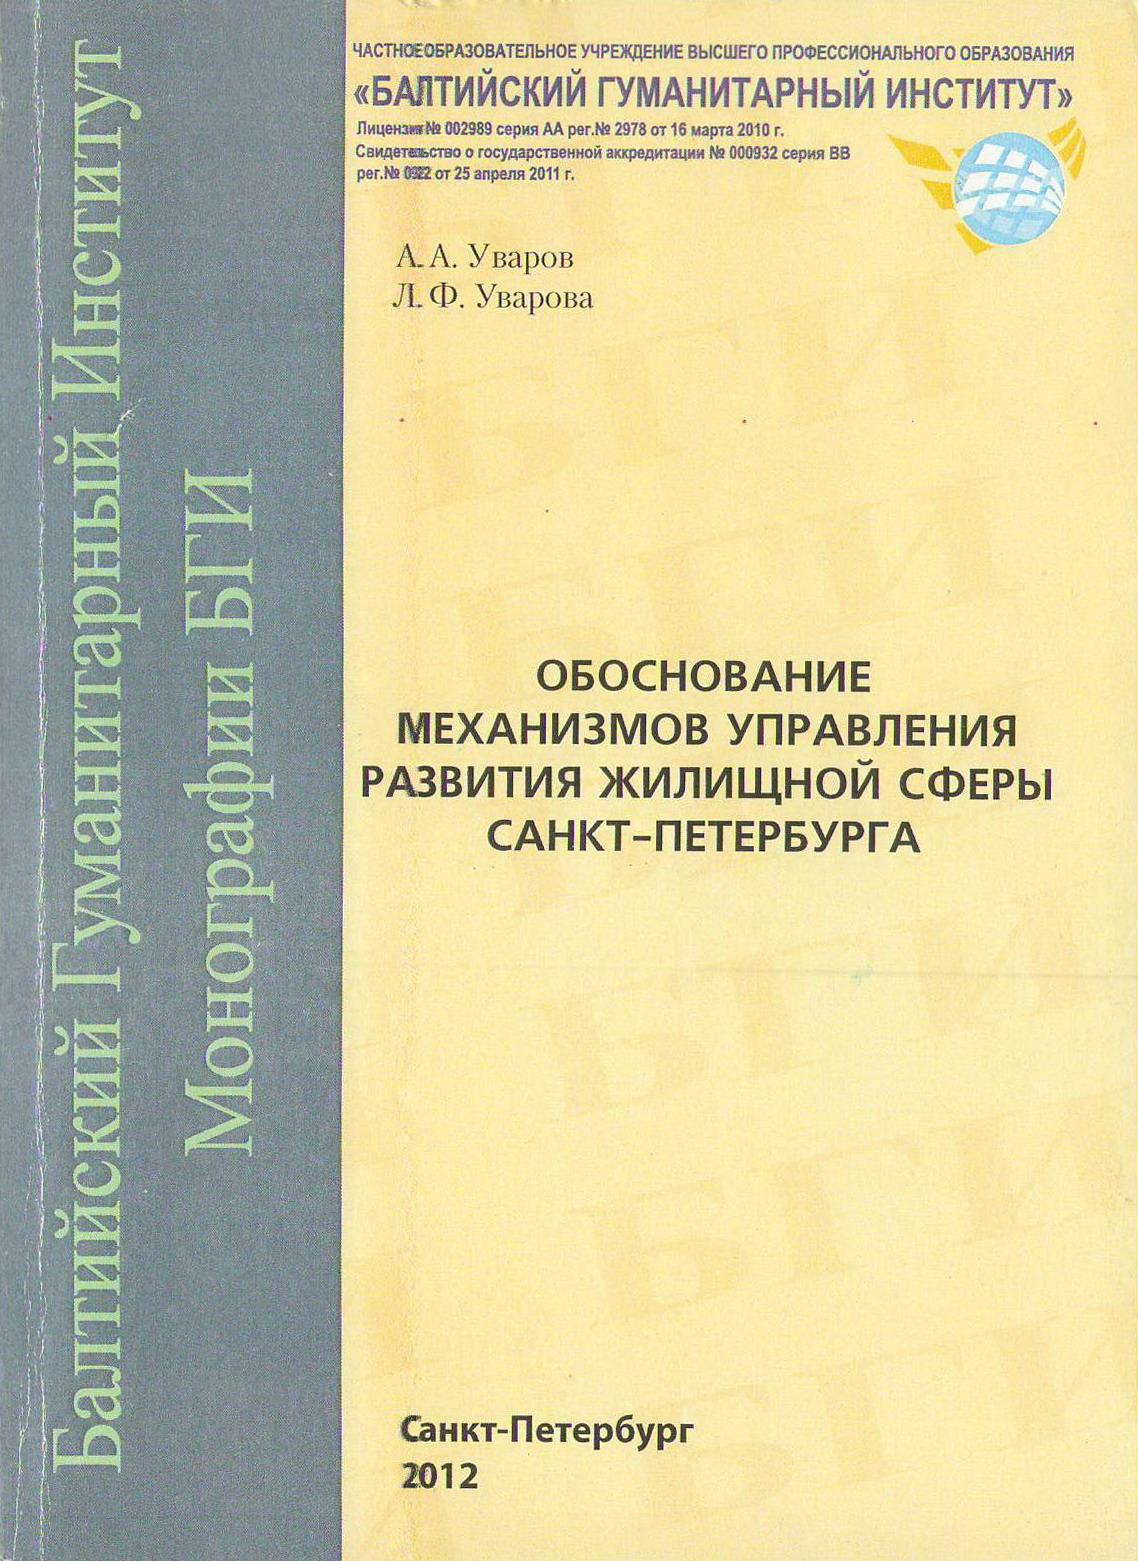 Обоснование механизмов управления развития жилищной сферы Санкт-Петербурга